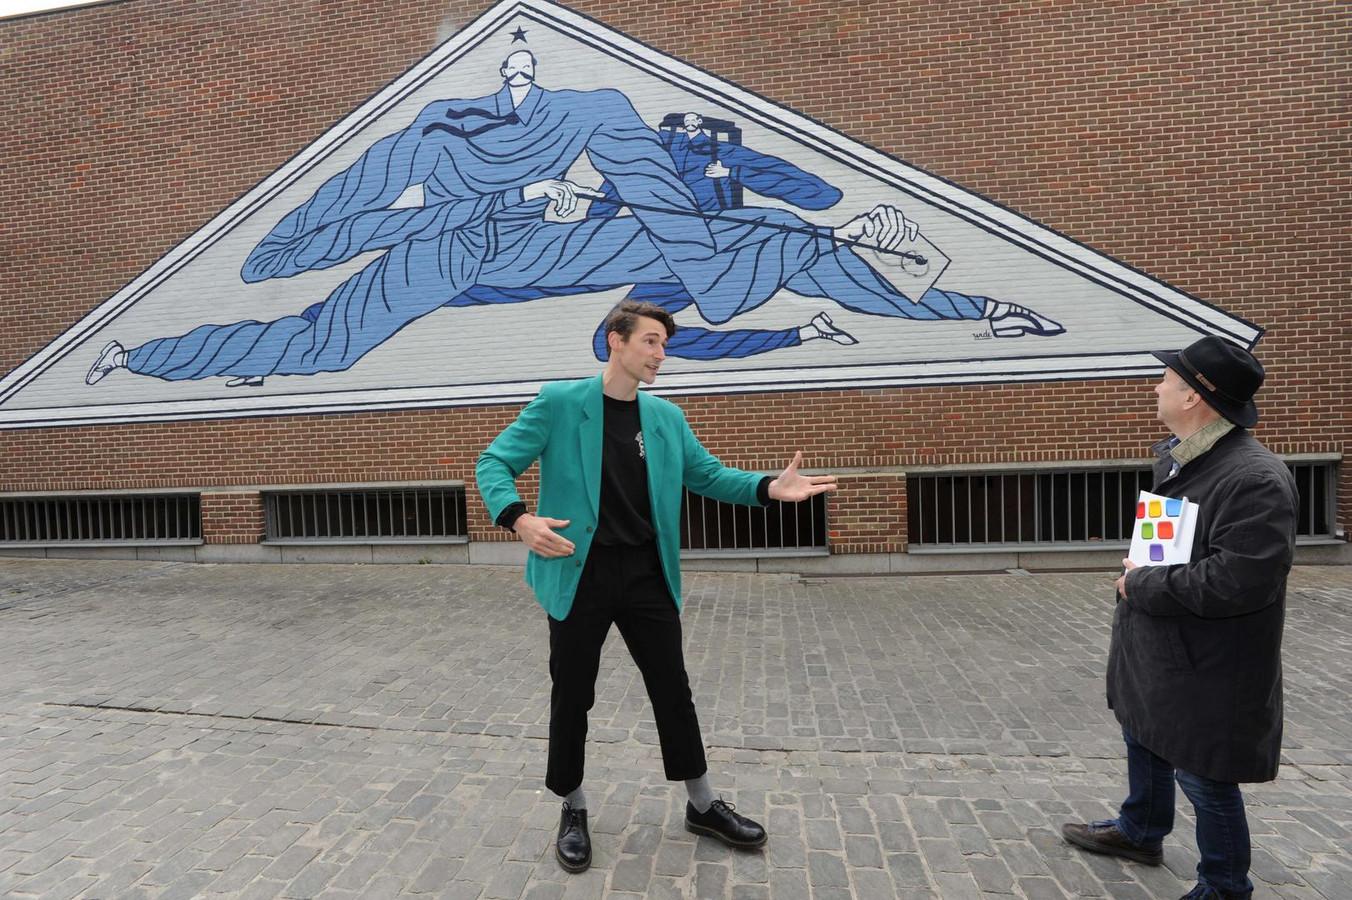 Kunstenaar Wide Vercnocke (links) maakte een muurschildering gewijd aan Jean Portaels.